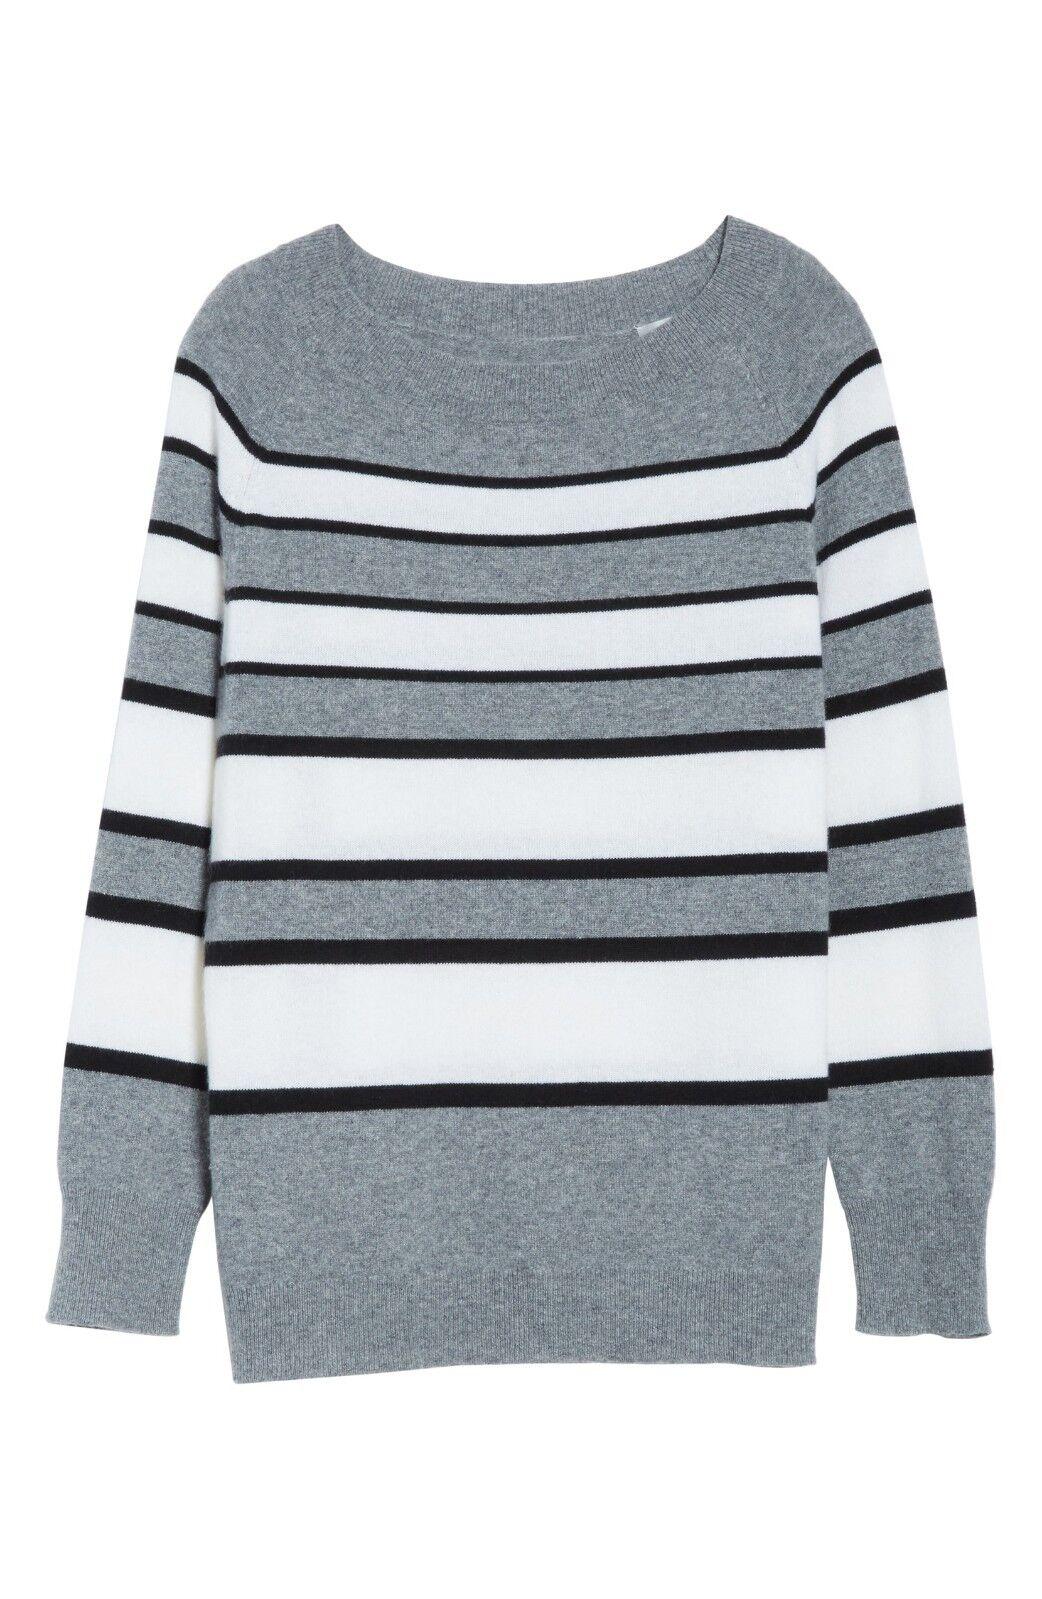 NWT Equipmänt Cody randig Cashmere tröja Heather grå Multi Storlek S, M  318